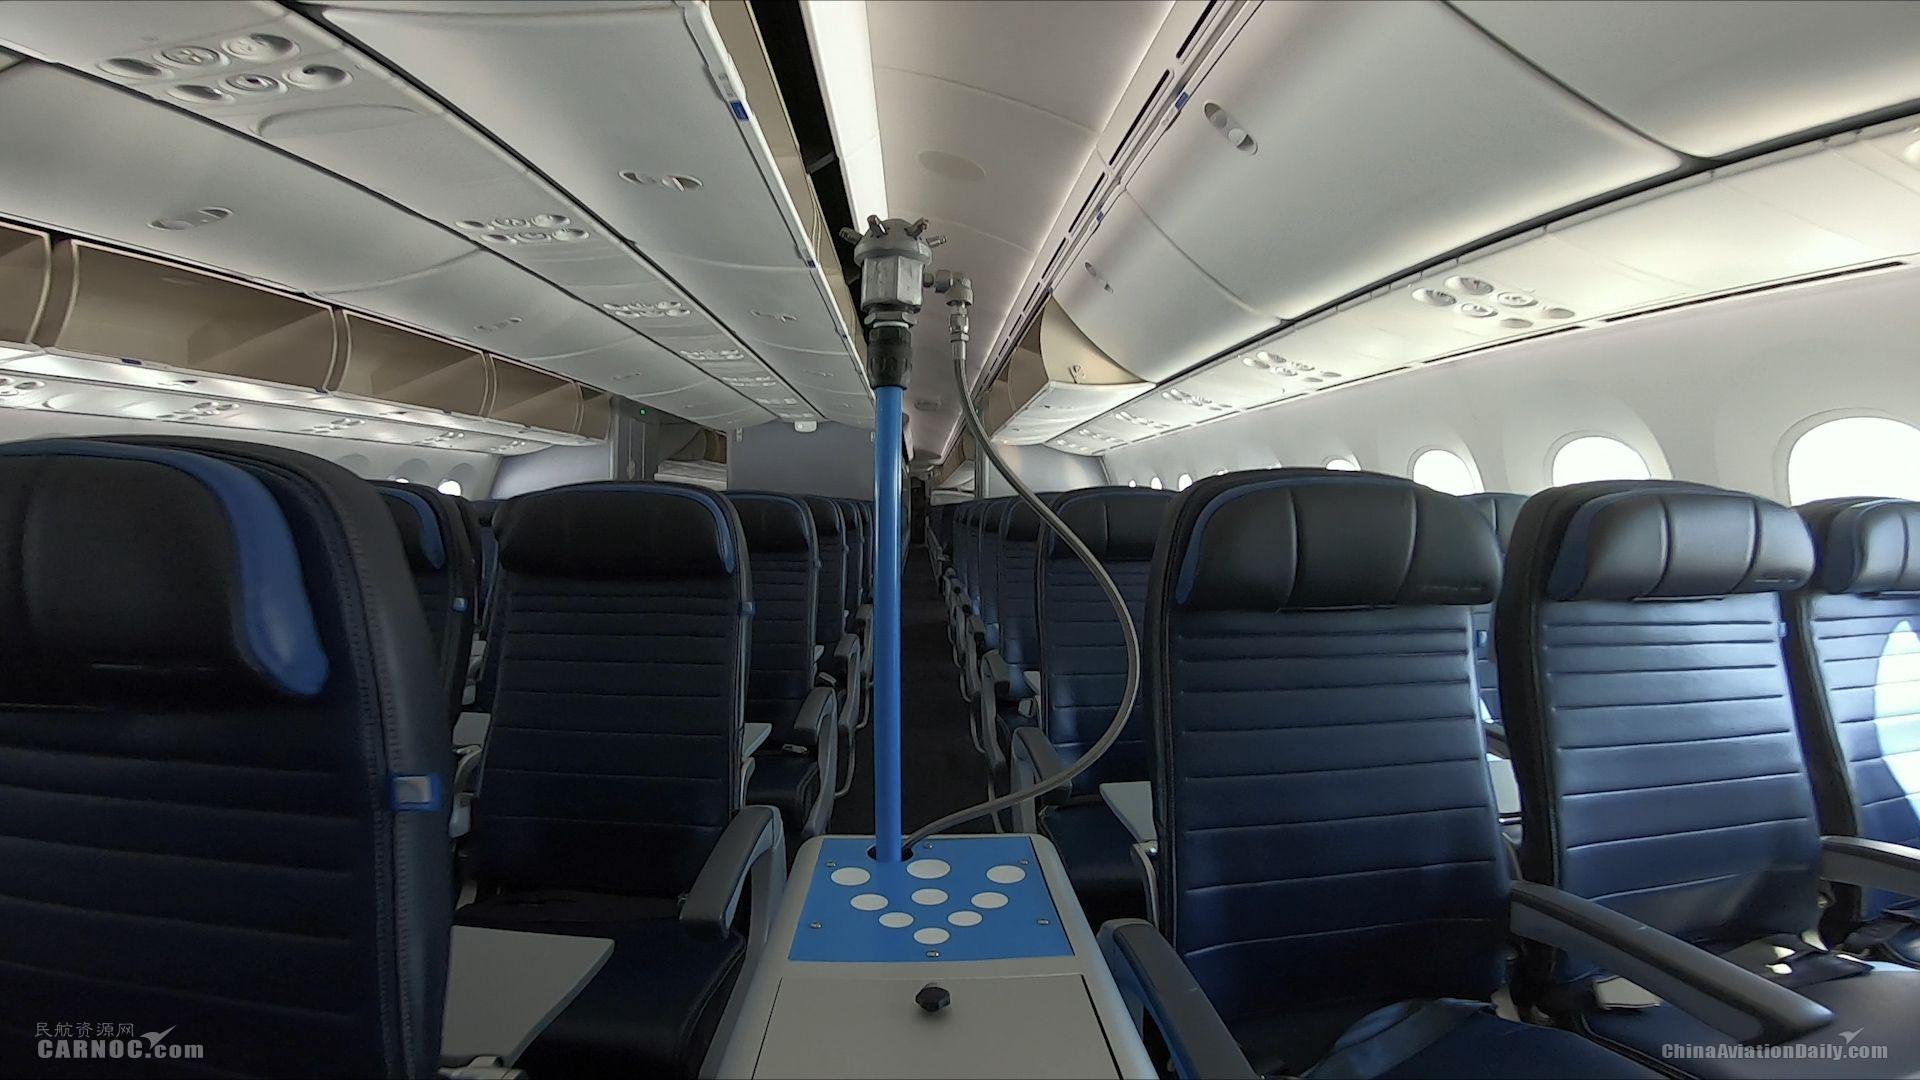 美联航客舱清洁增设抗菌喷雾消毒 保障旅客出行安全